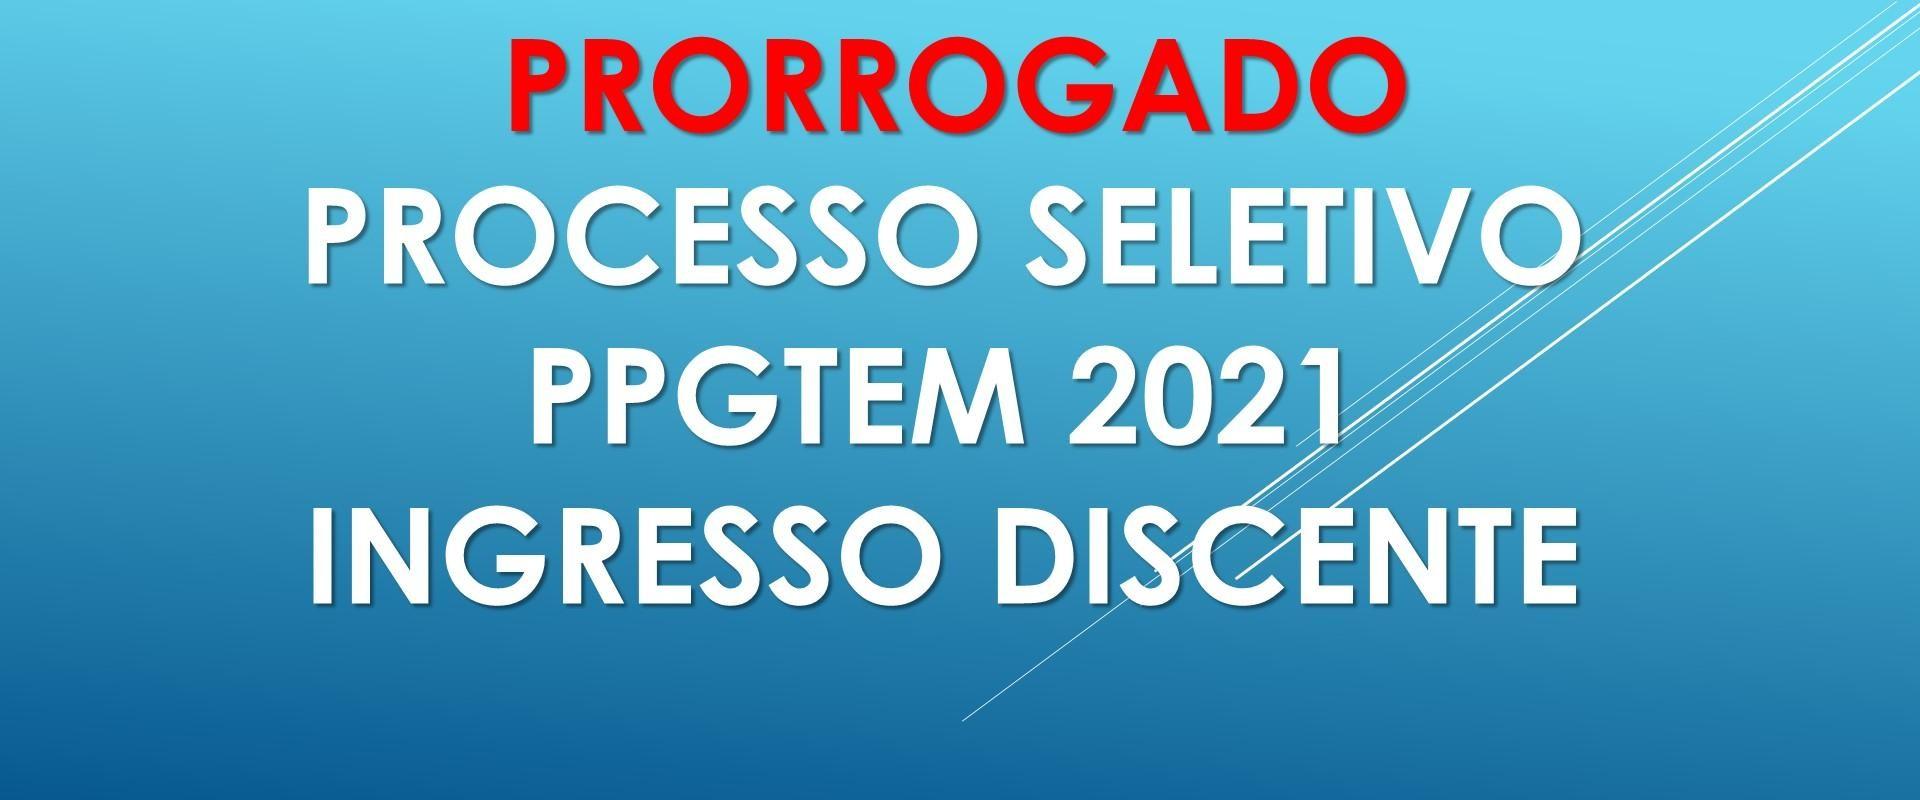 PROCESSO SELETIVO PPGTEM 2021